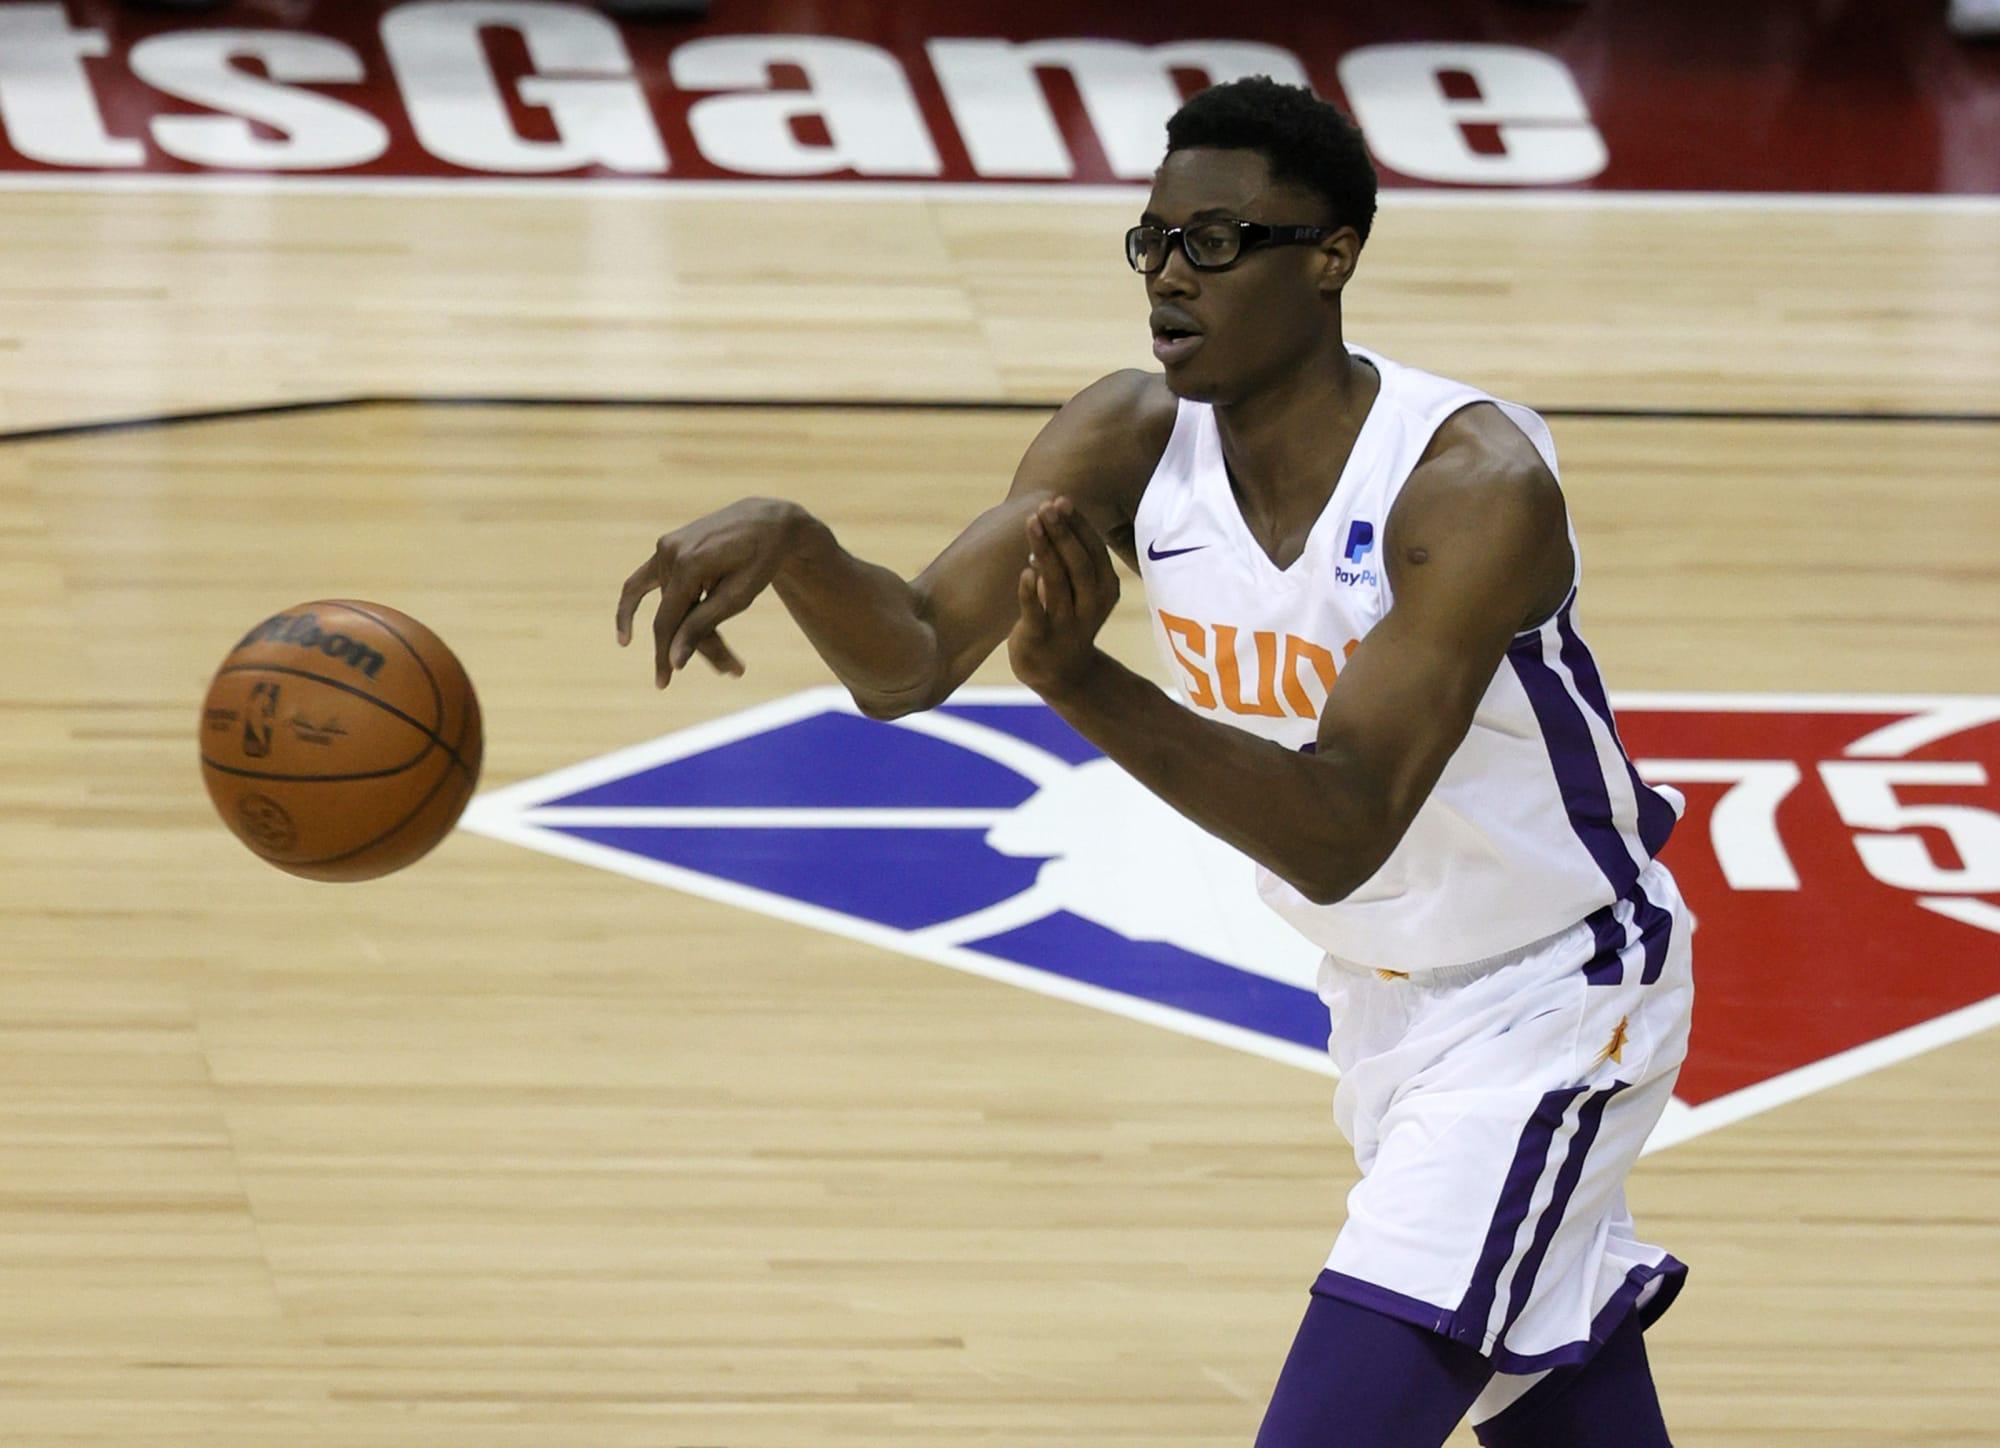 Rumores de la NBA: los Suns están midiendo el interés por la selección de los 10 mejores Jalen Smith